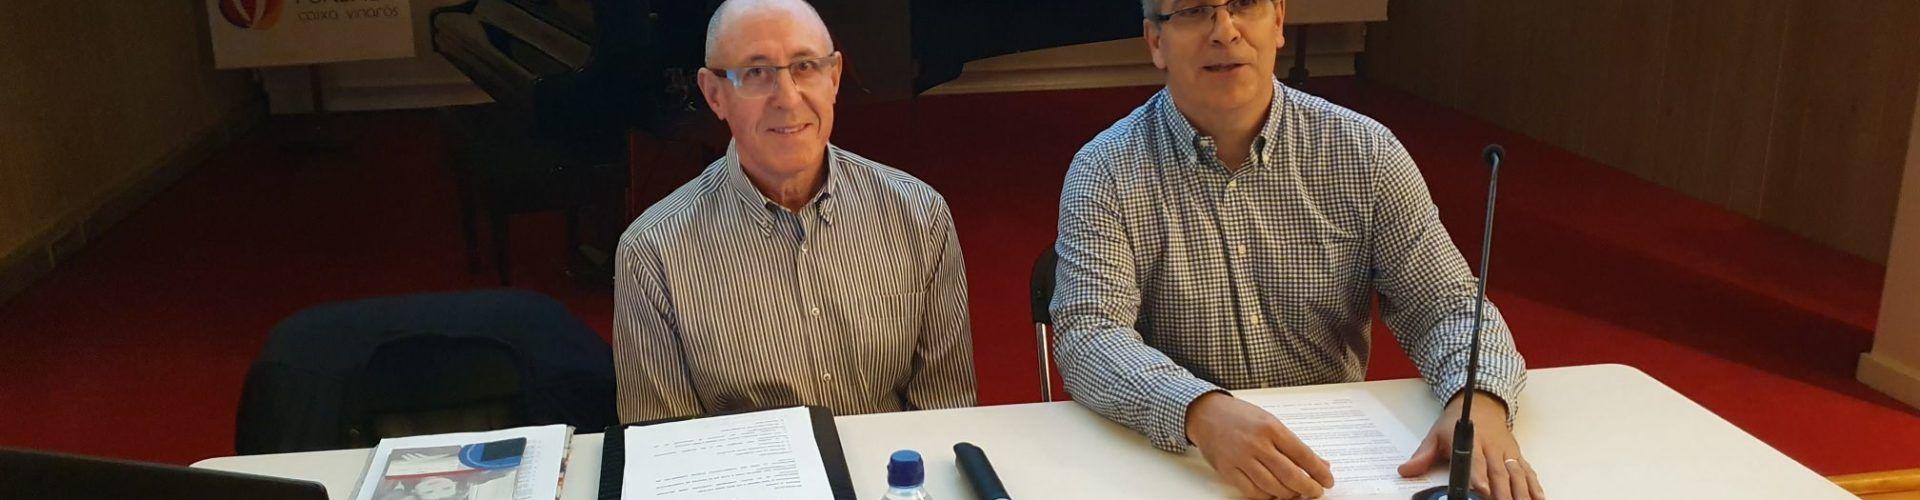 Manuel V. Albiol parlà a Caixa Vinaròs sobre aprendre a llegir i escriure en la nostra llengua